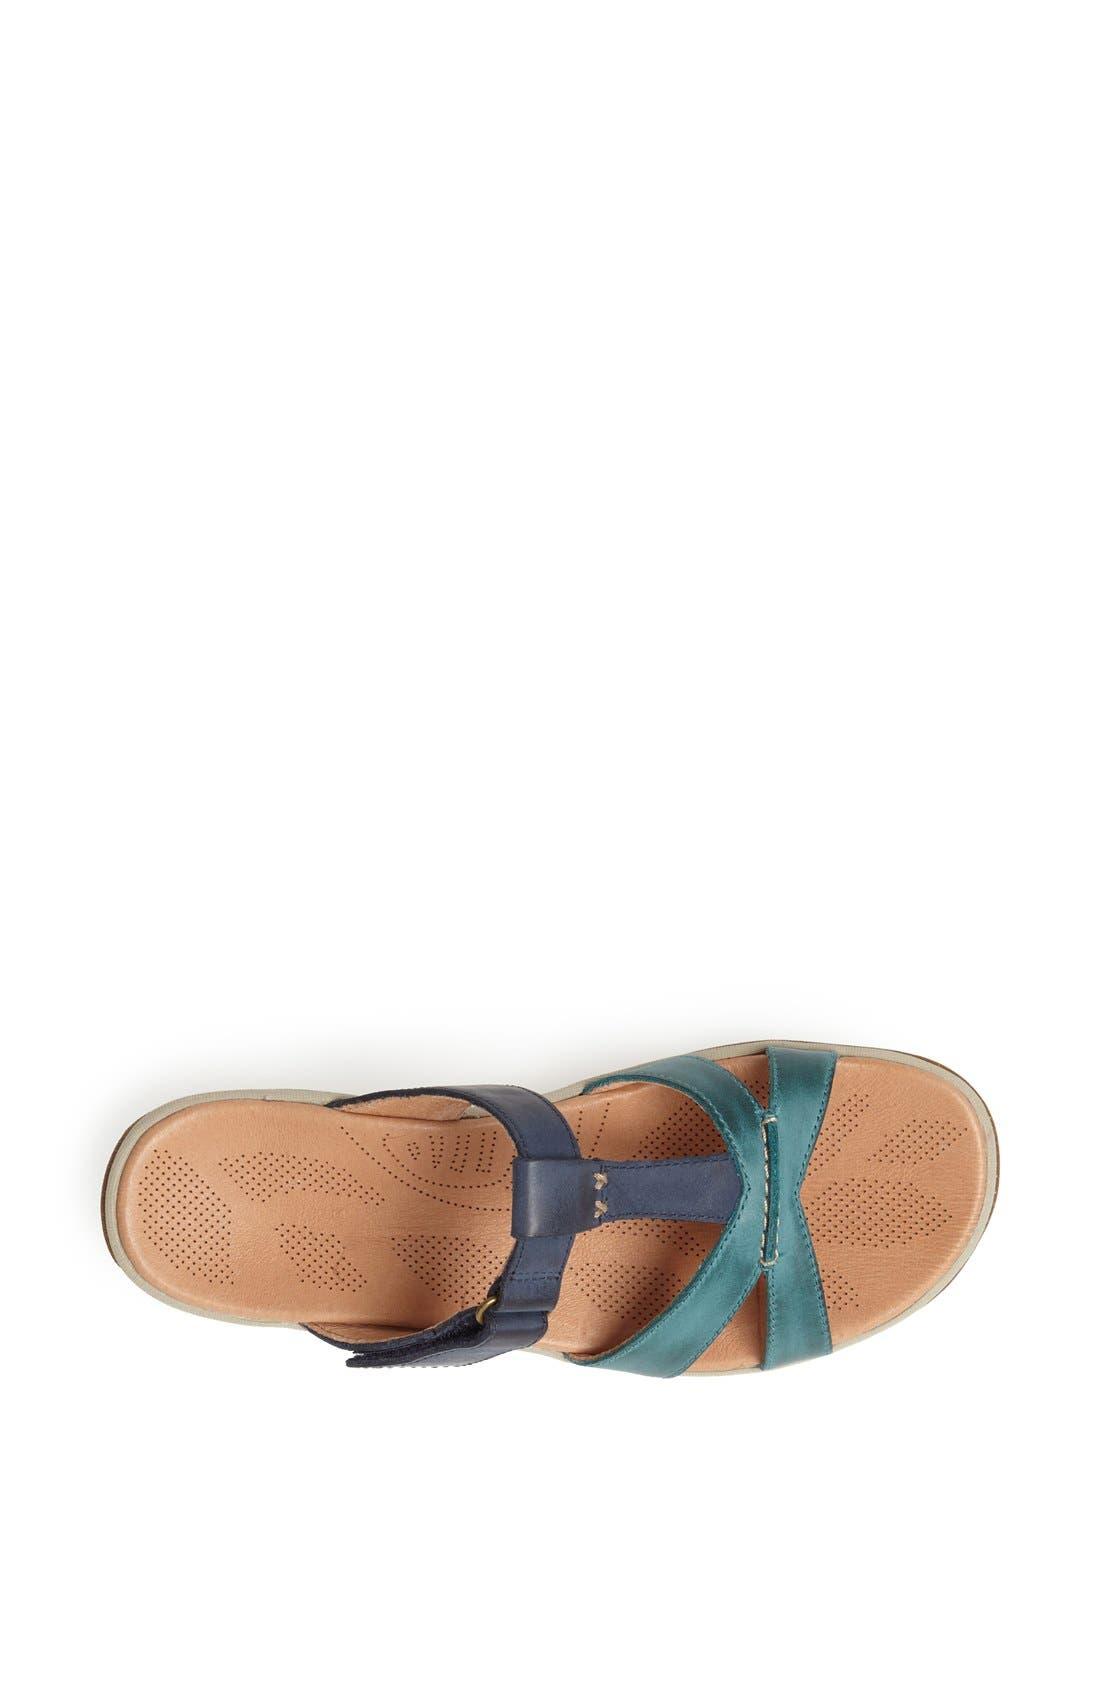 Alternate Image 3  - Acorn 'C2G Lite' Sandal